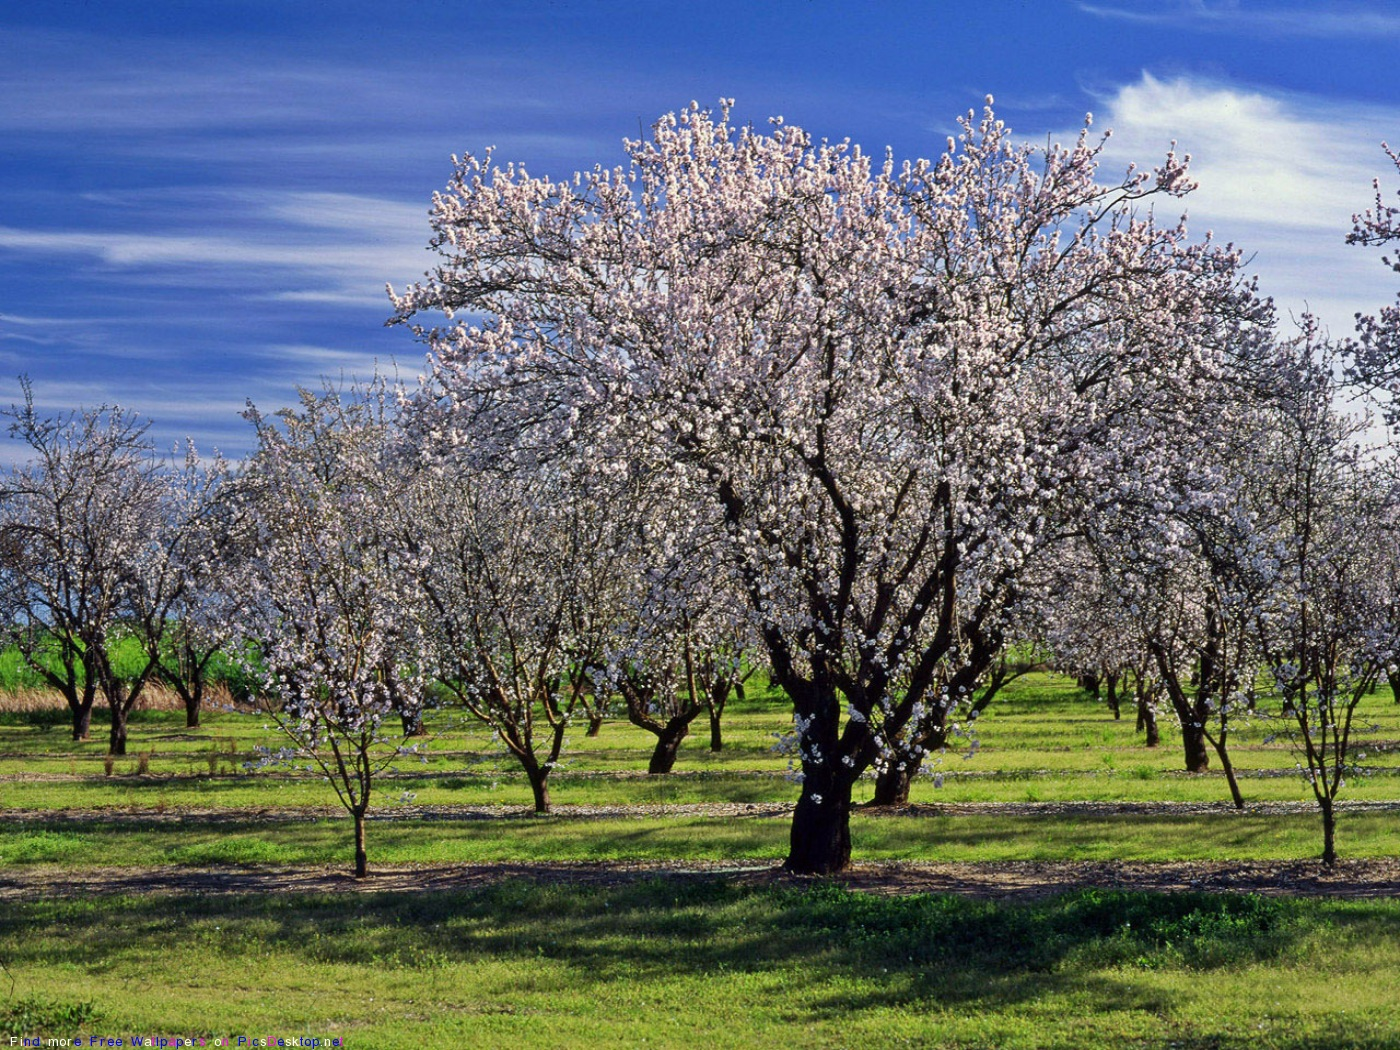 Весна - Красивые Бесплатные фото обои ...: picsdesktop.net/Springtime/1400x1050_PicsDesktop.net_140.jpg.htm